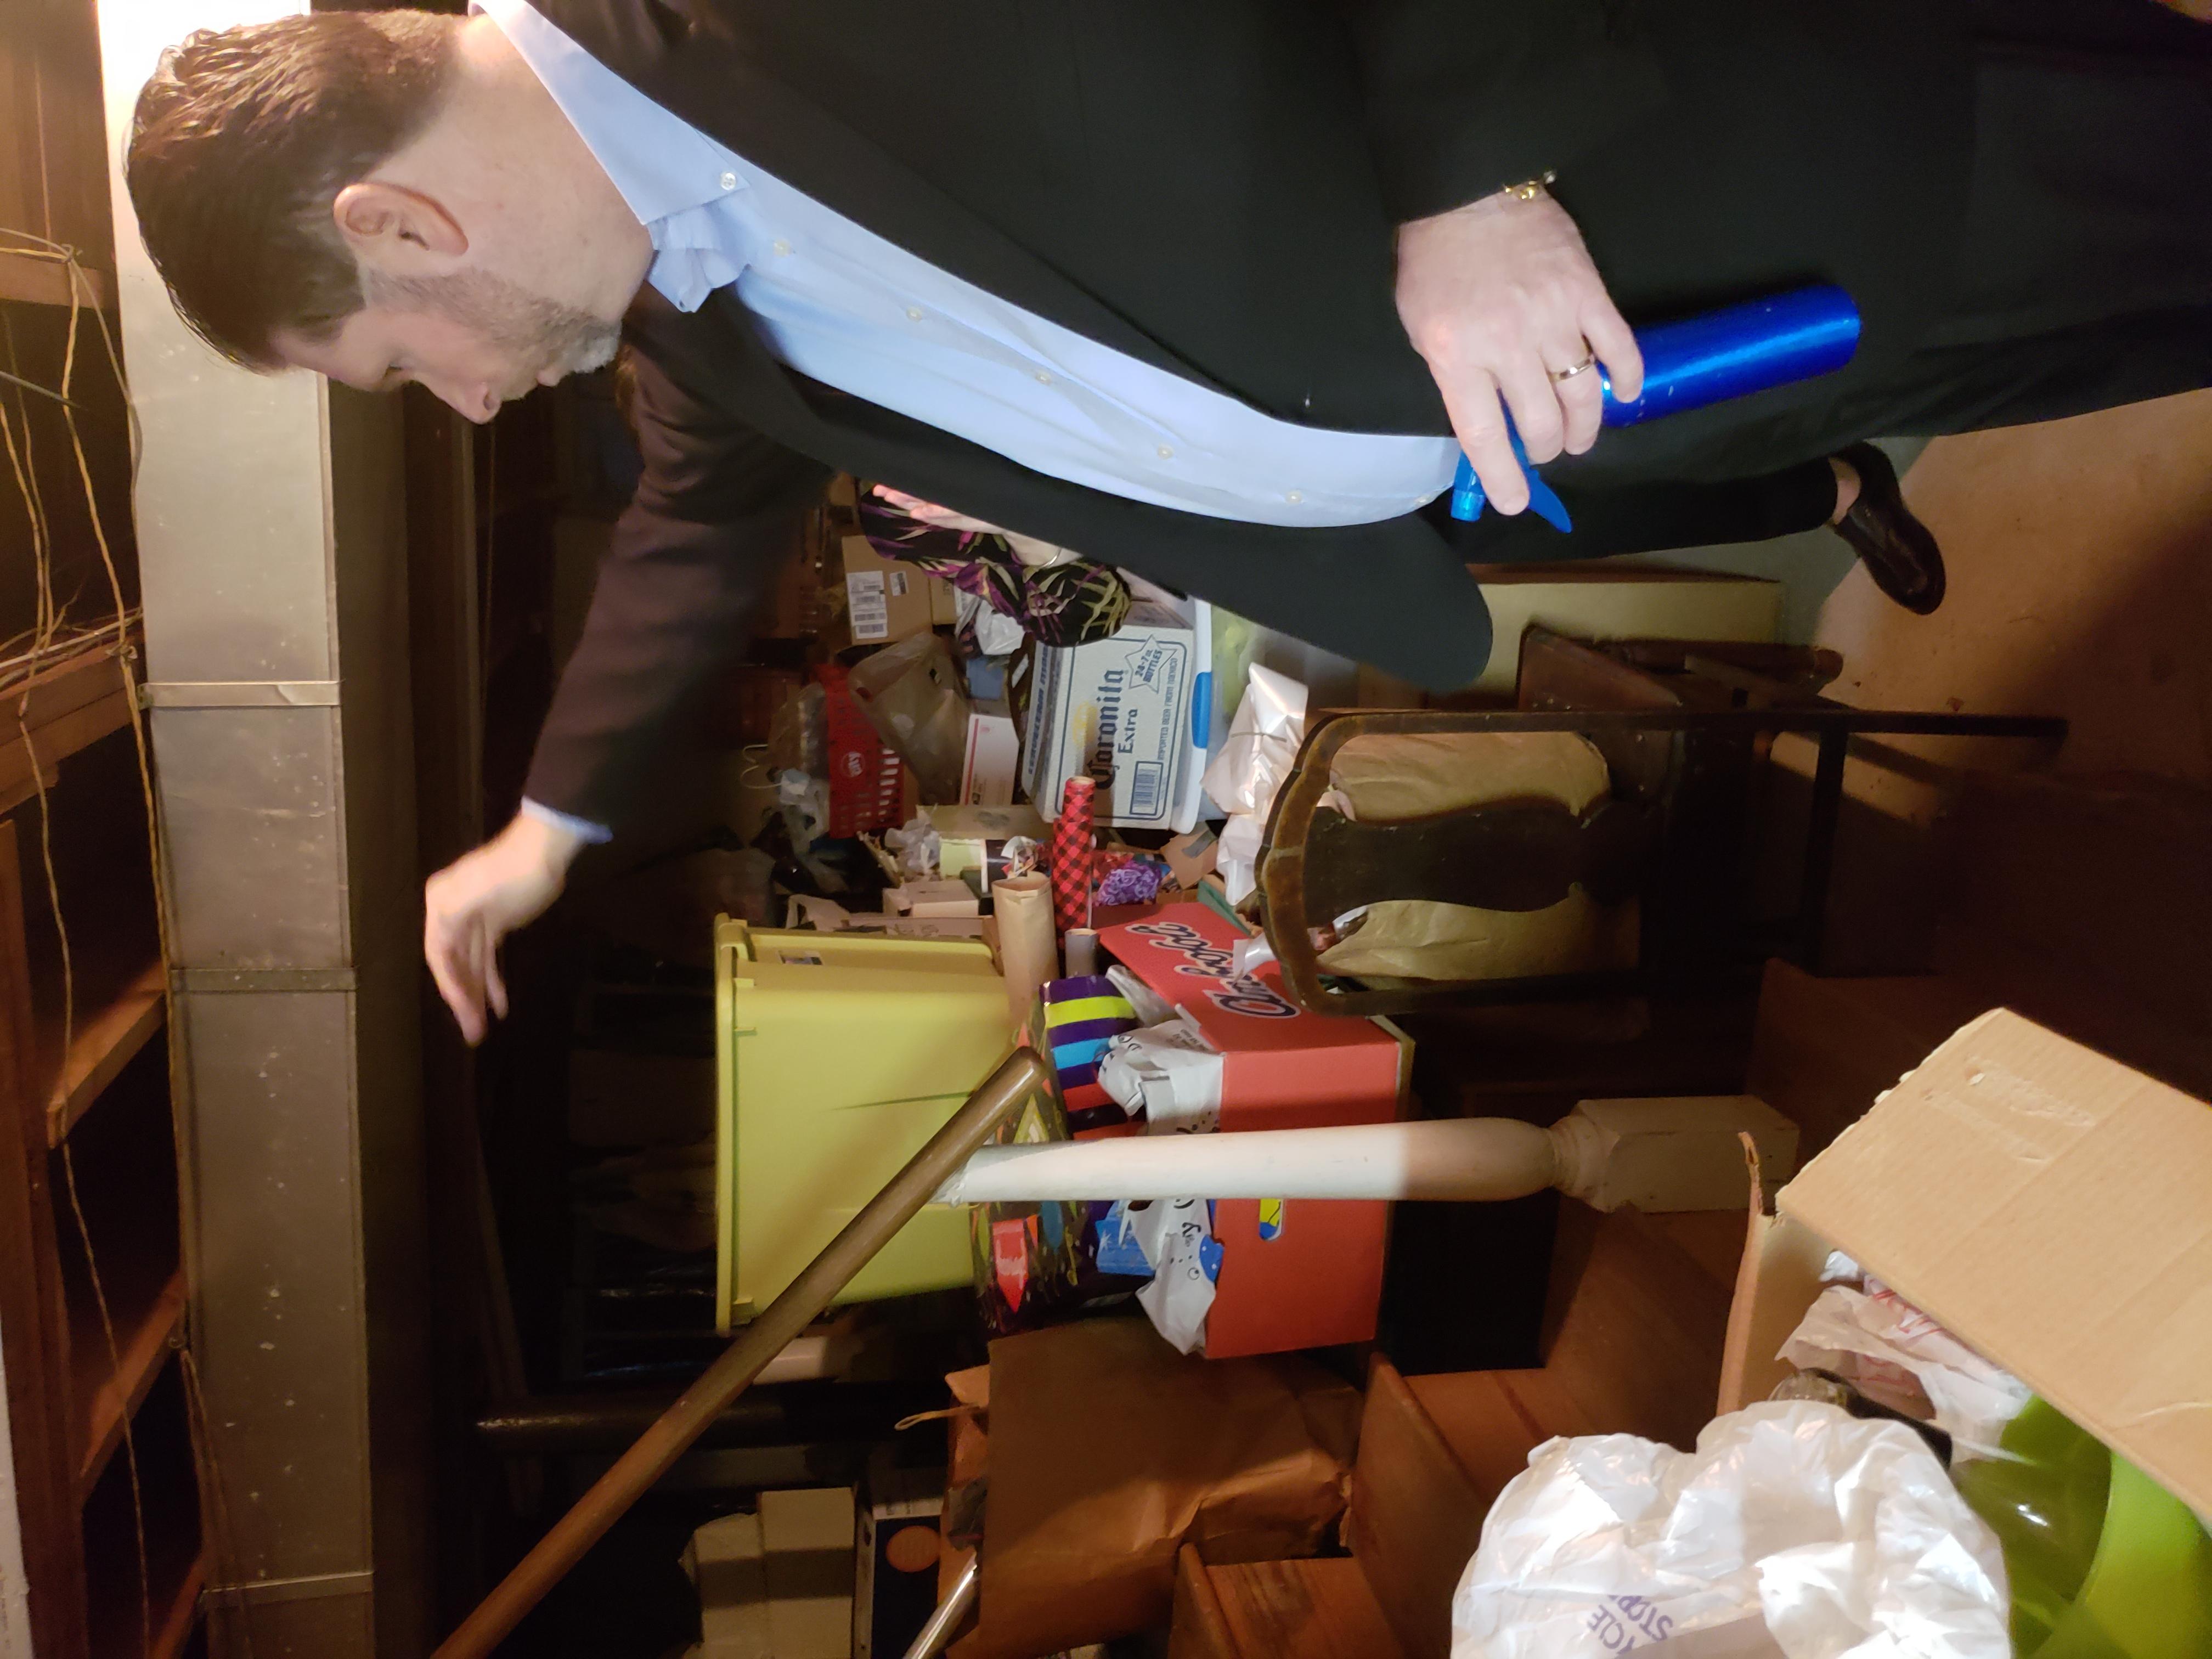 Bill in basement-battle begins